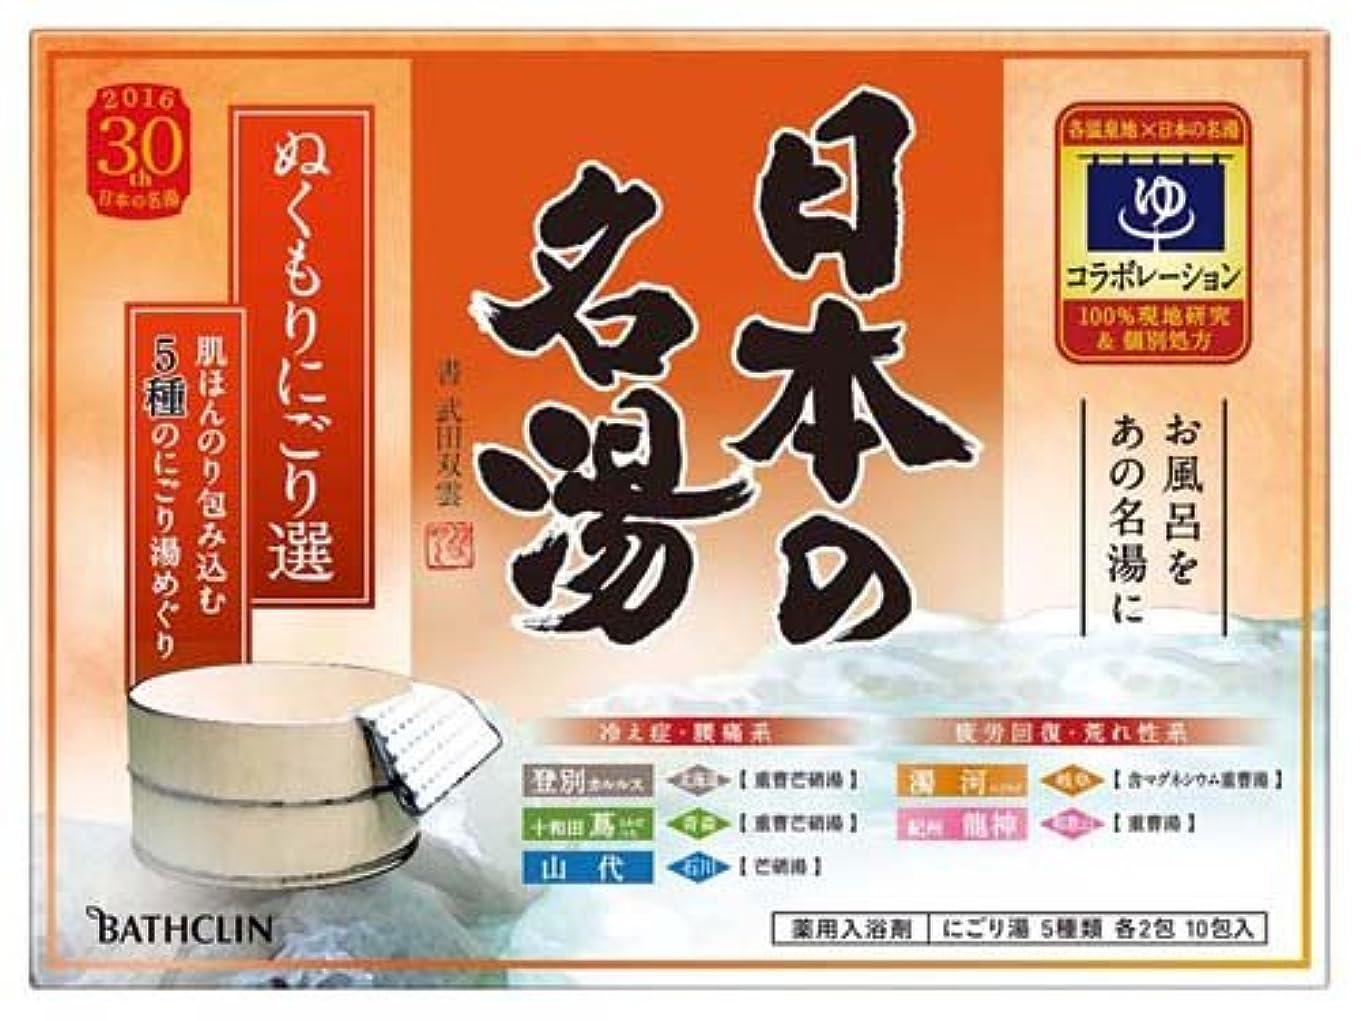 動物ホールホテルバスクリン 日本の名湯 ぬくもりにごり選 10包 (5種類:登別カルルス、十和田蔦、山代、濁河、紀州龍神)×15点セット (4548514137301)